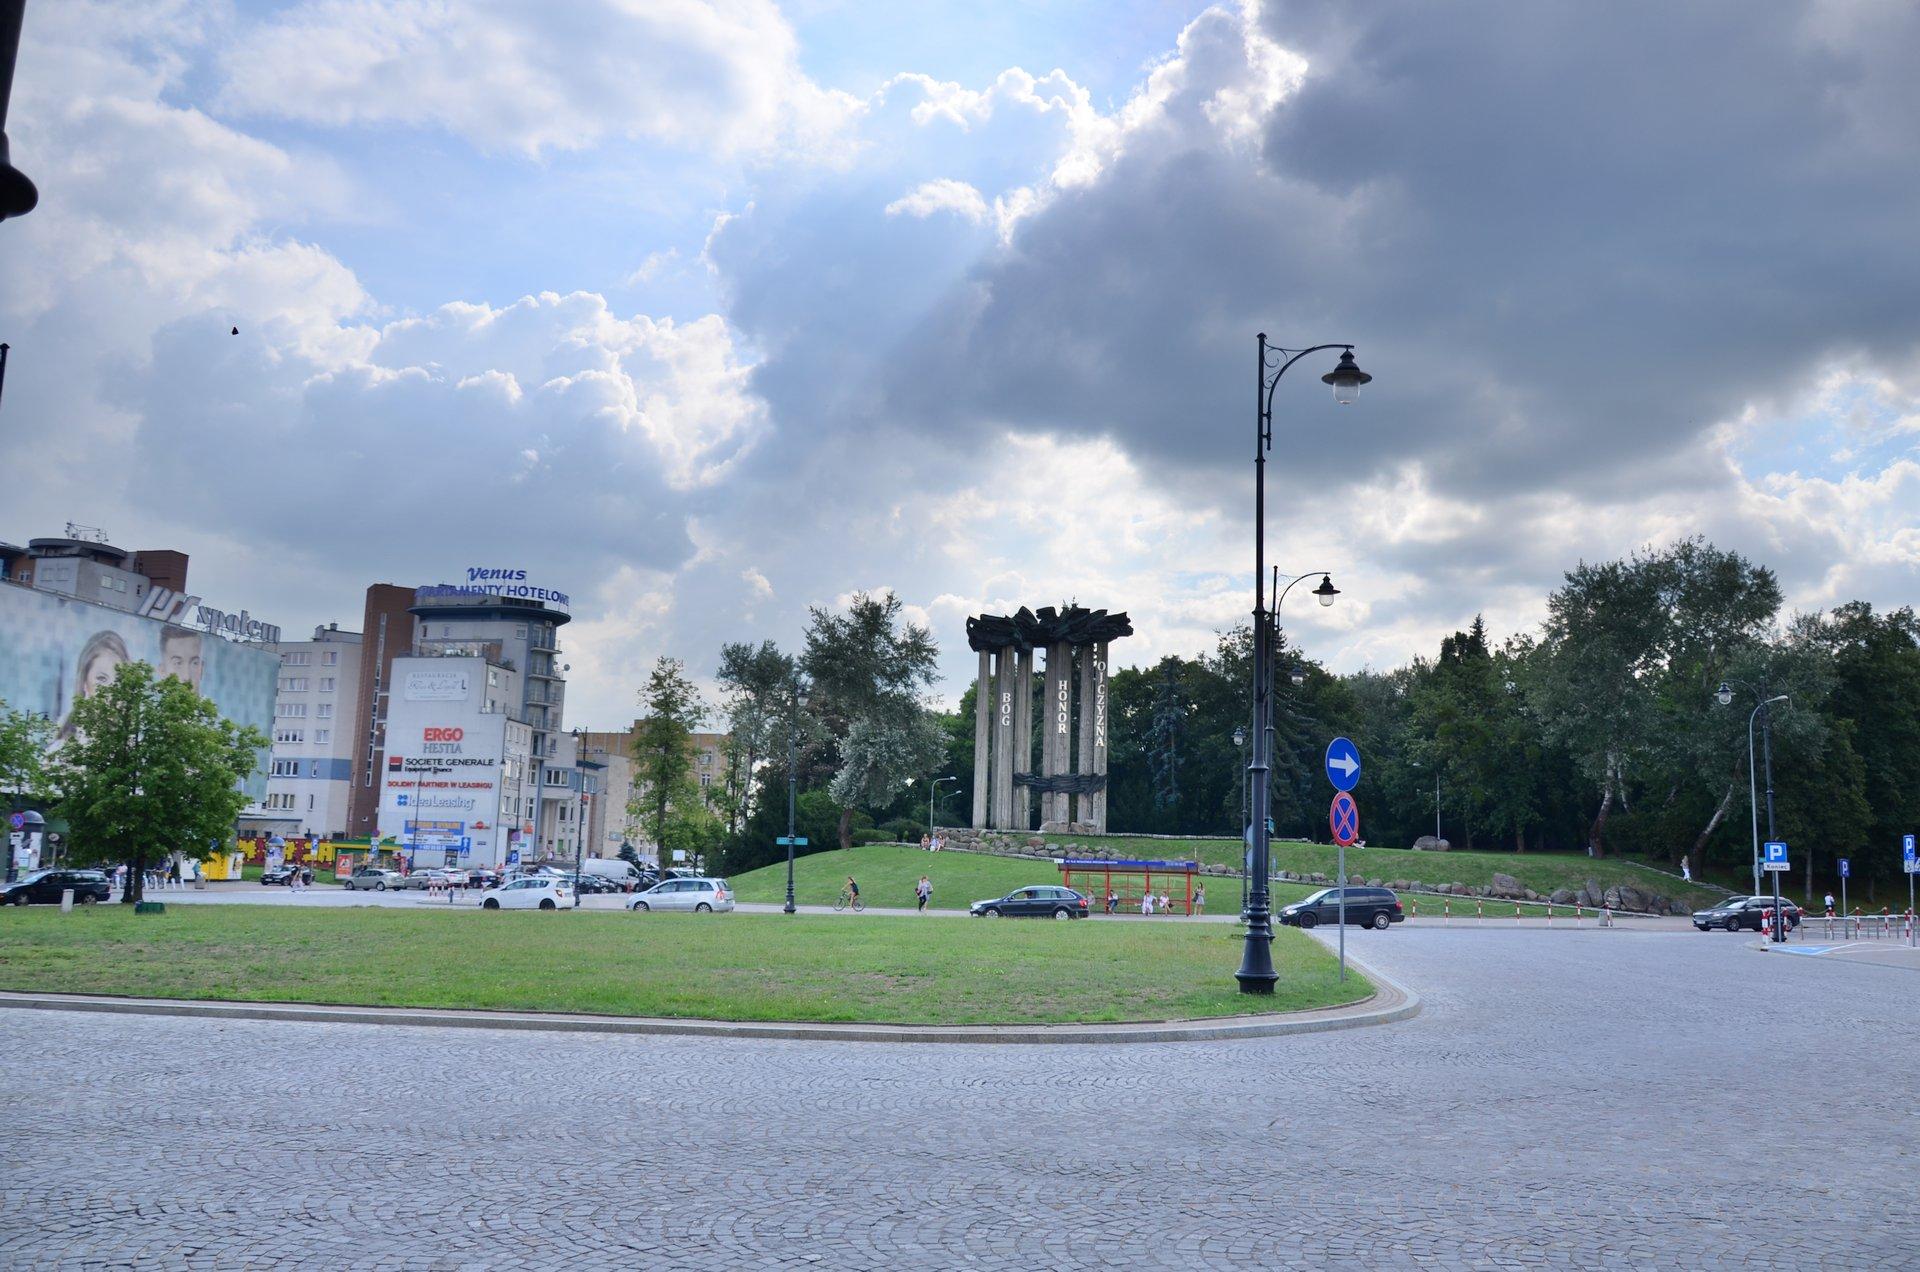 Białystok Plac NZS Niezależnego Zrzeszenia Studentów Liniarskiego Plac Uniwersytecki centrumfree photo darmowe zdjęcie